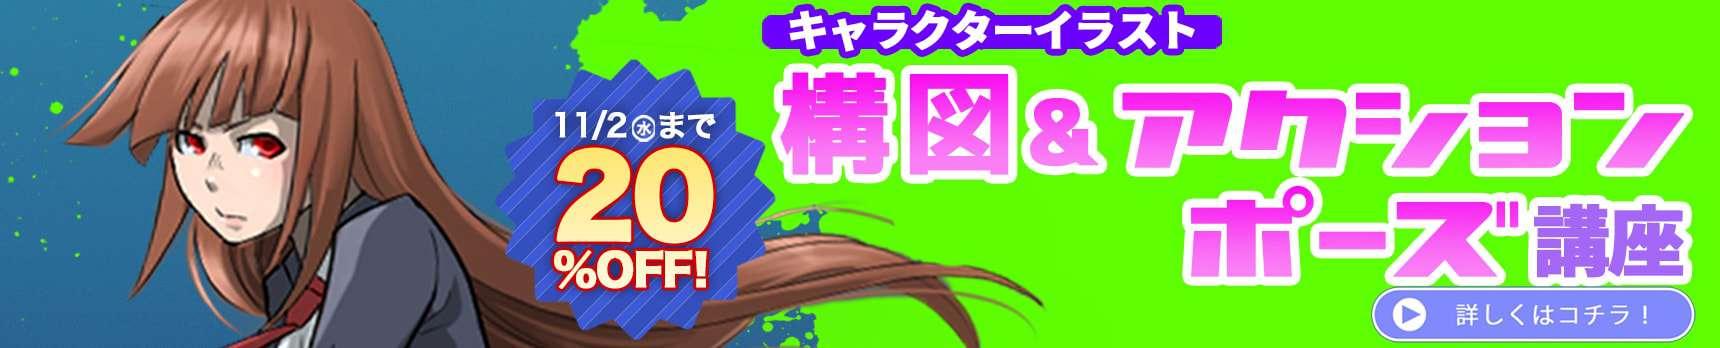 Matsu banner pc